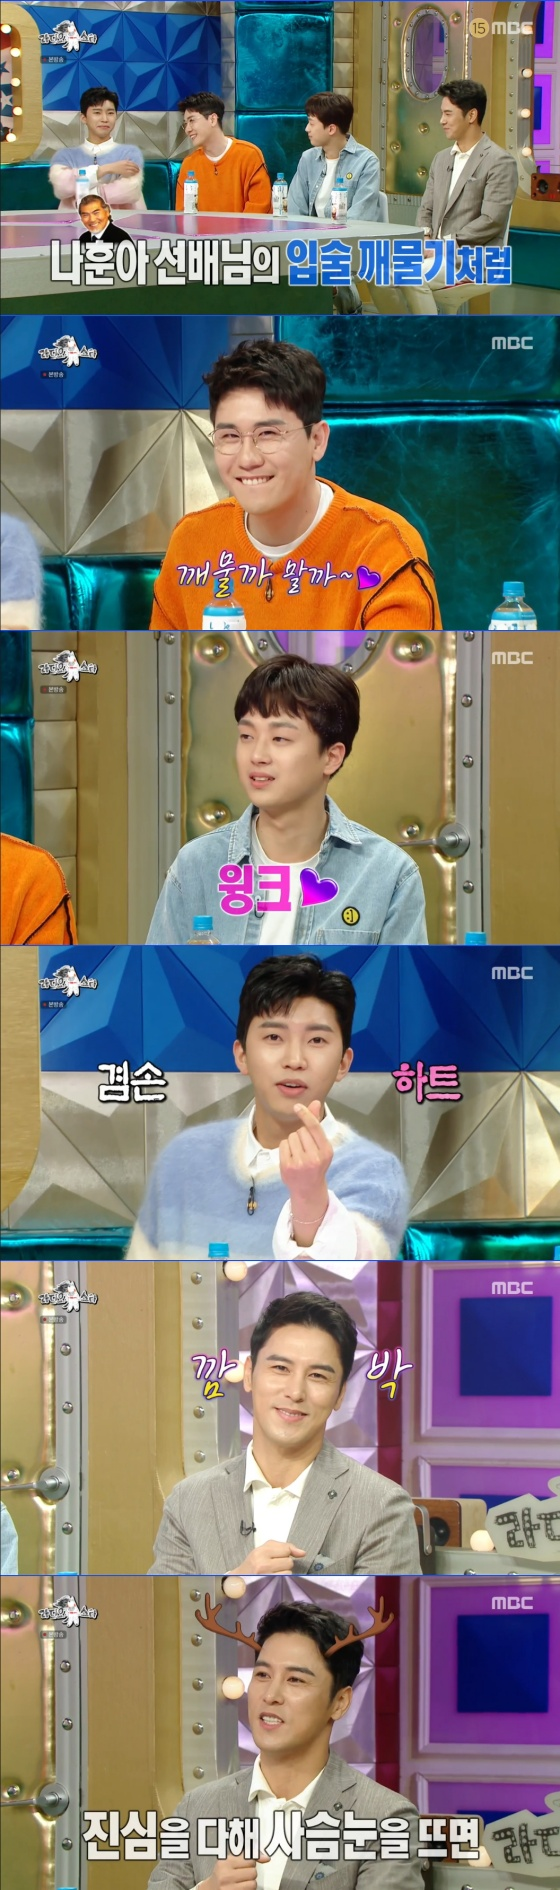 /사진= MBC 예능 프로그램 '라디오스타' 방송 화면